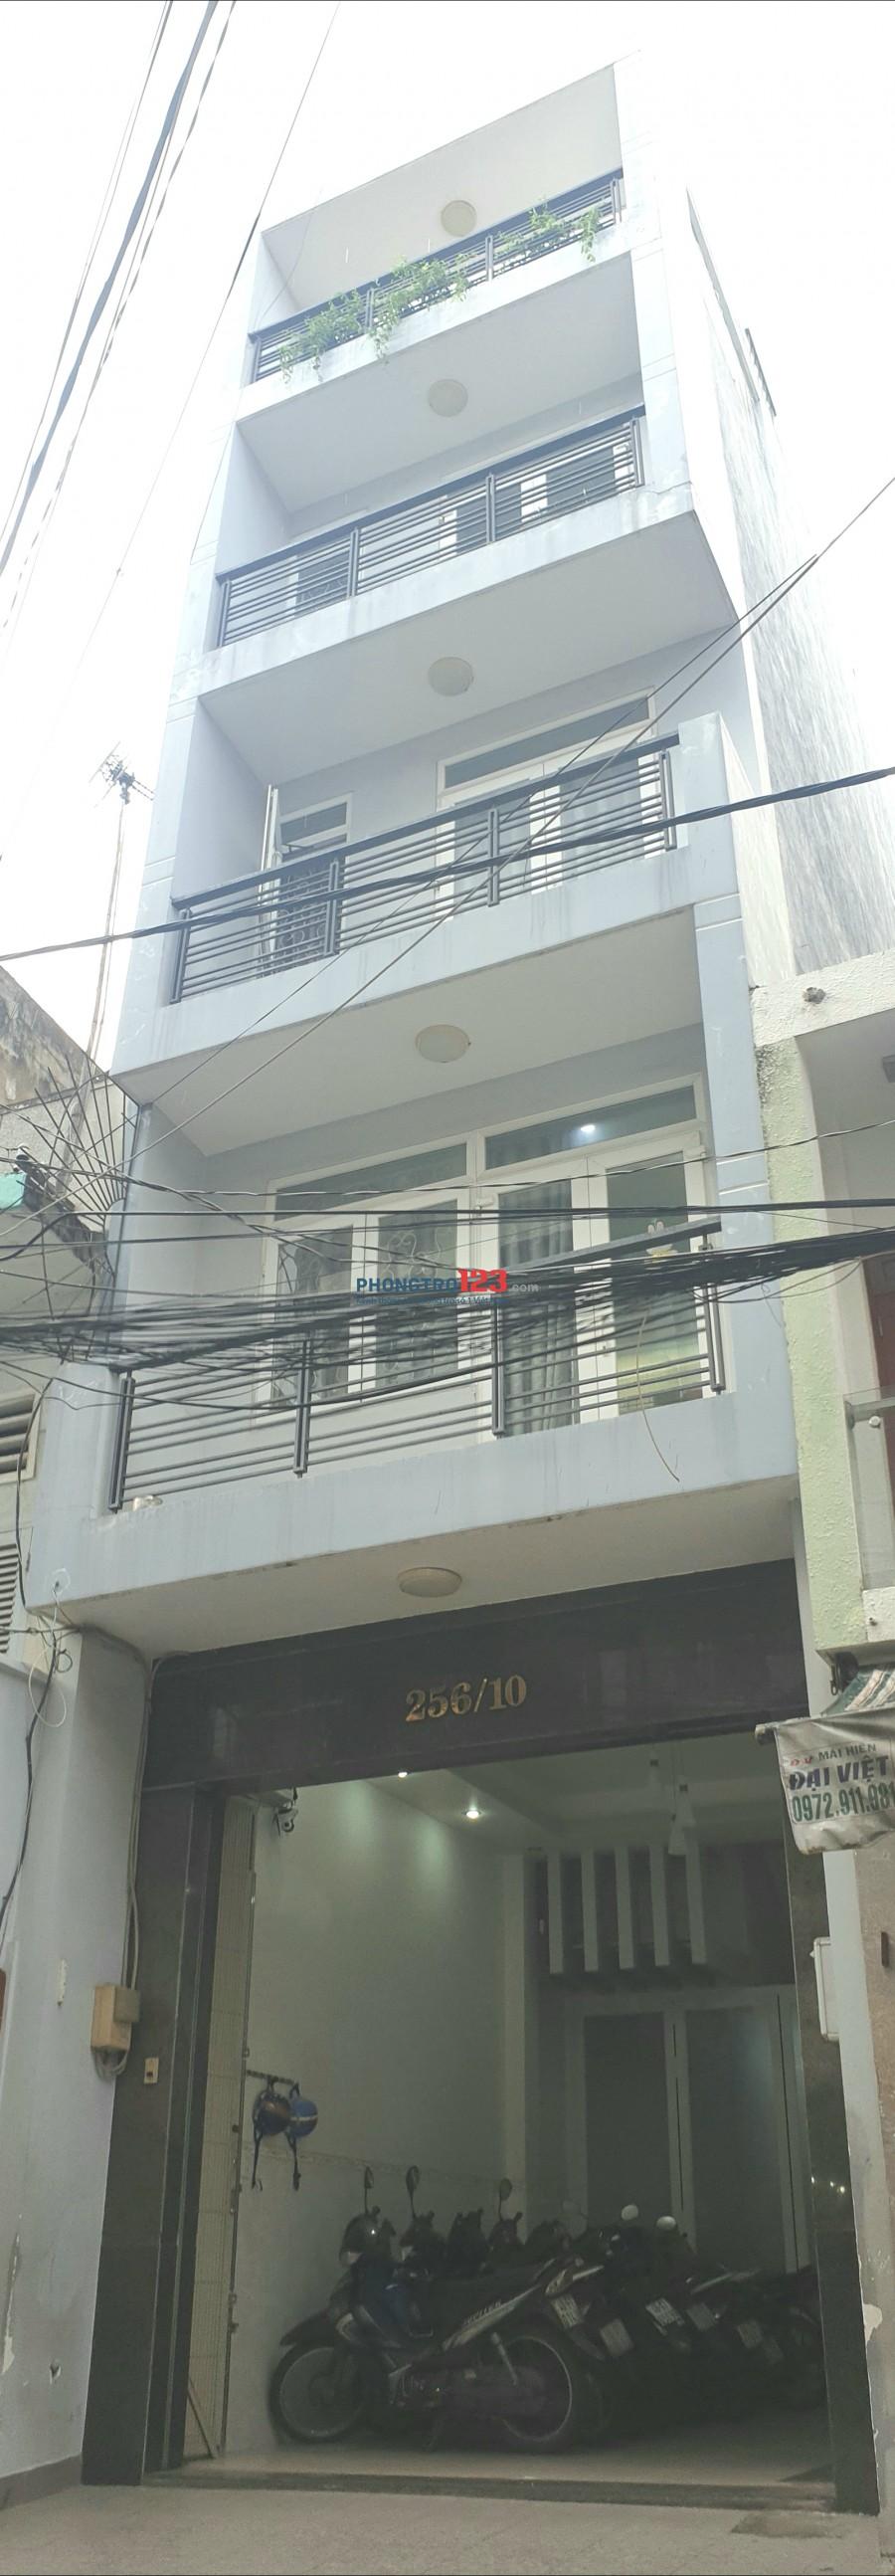 Cho thuê văn phòng 21m2-31m2 có sẵn trang thiết bị tại Phạm Văn Hai Q Tân Bình Giá từ 3,4tr/th